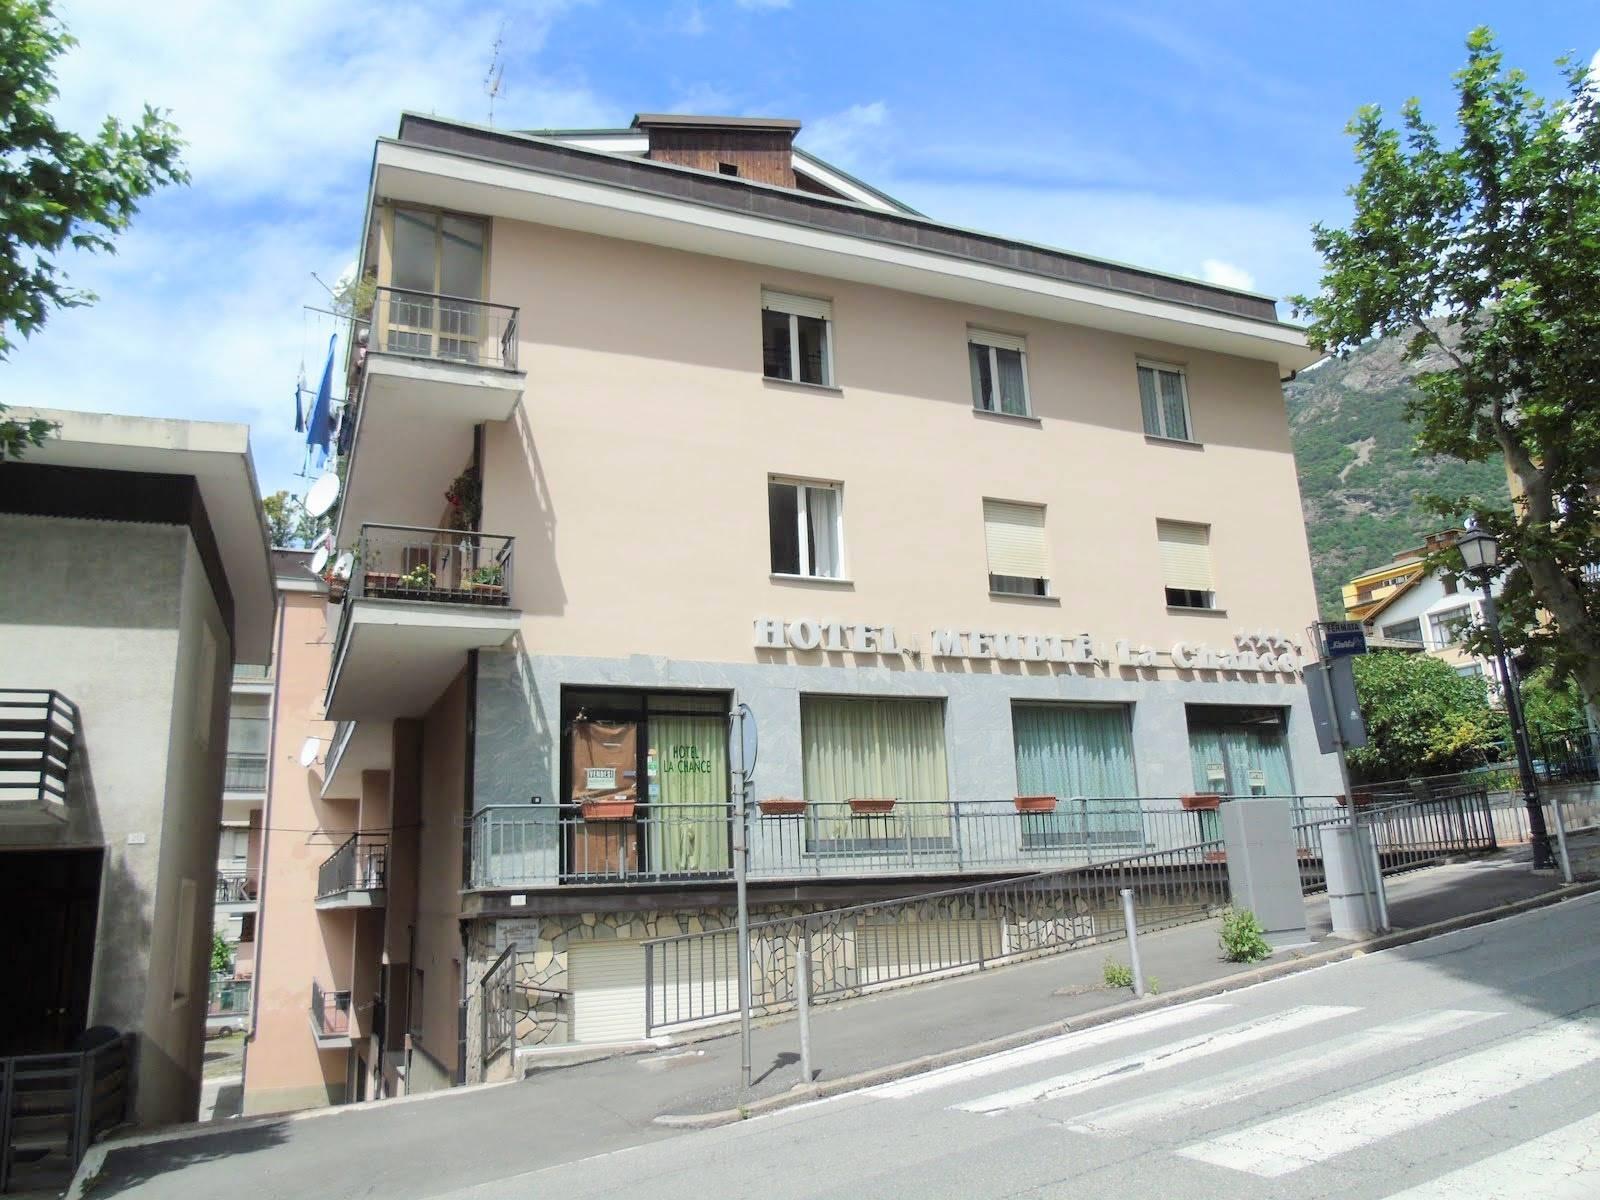 Albergo in affitto a Saint-Vincent, 13 locali, prezzo € 1.500 | PortaleAgenzieImmobiliari.it